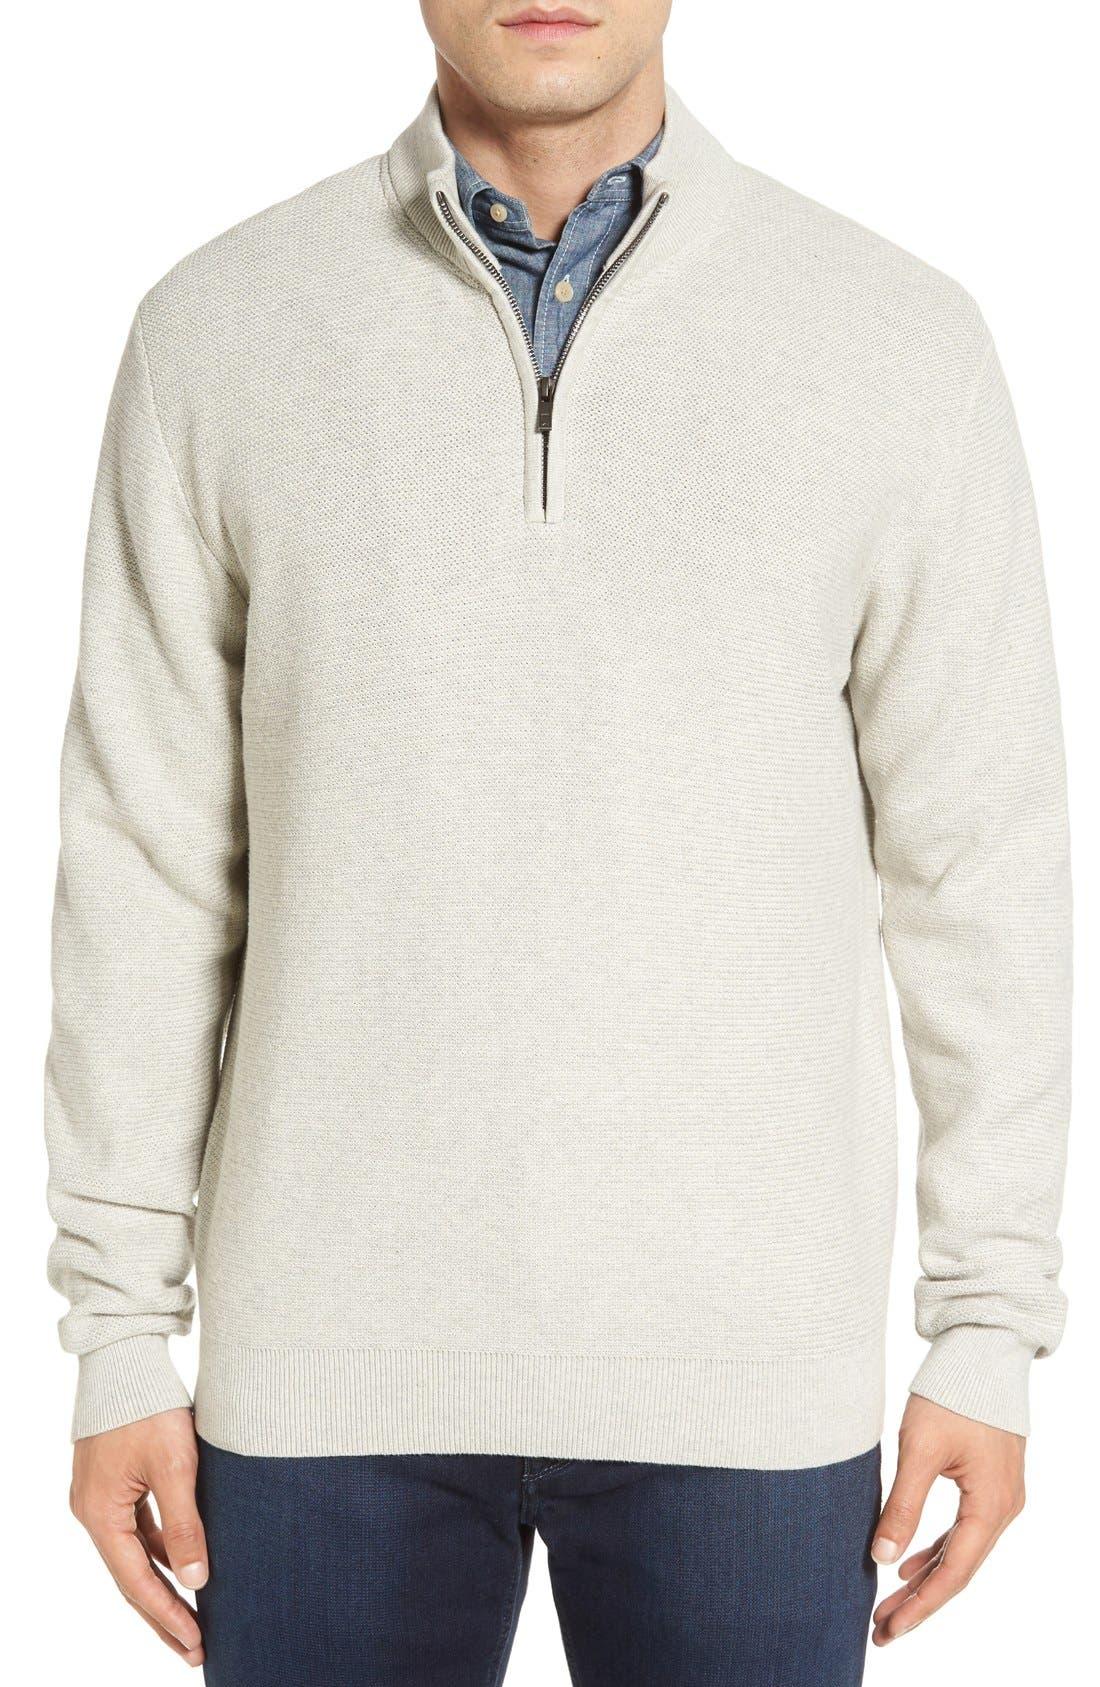 Main Image - Cutter & Buck 'Benson' Quarter Zip Textured Knit Sweater (Big & Tall)